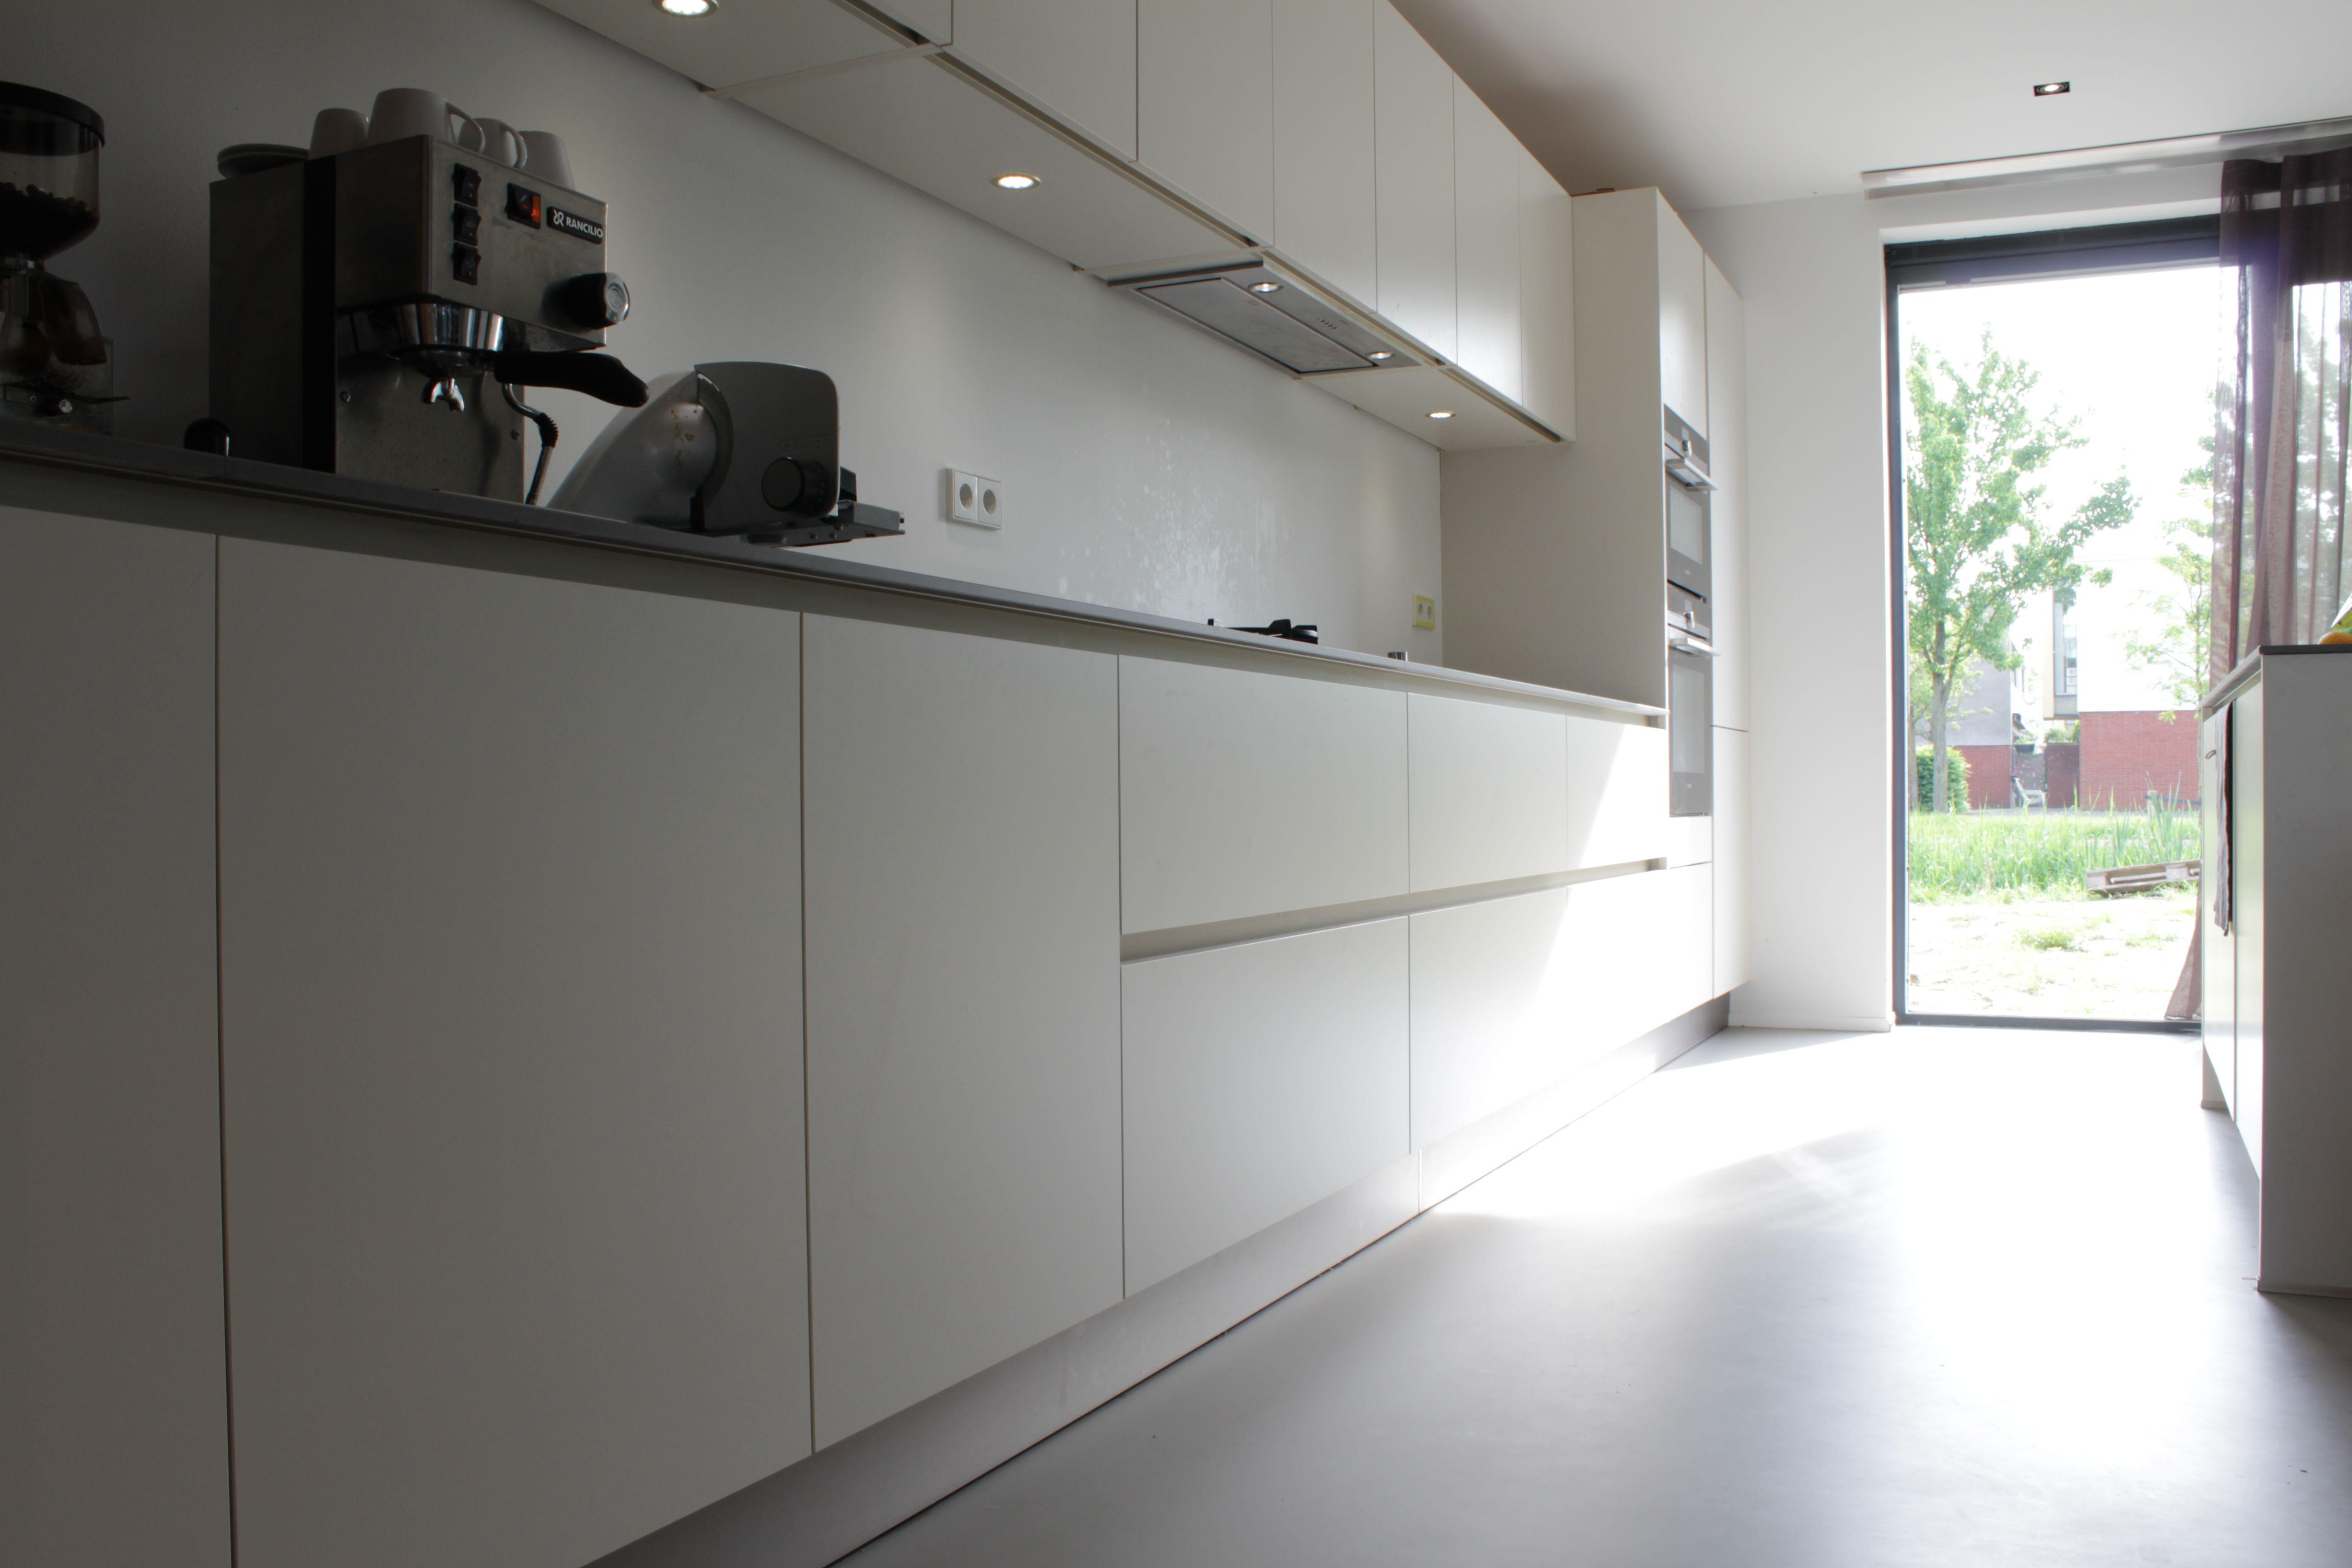 Exclusieve Gietvloer Woonkamer : Licht grijze gietvloer in witte keuken motion gietvloeren